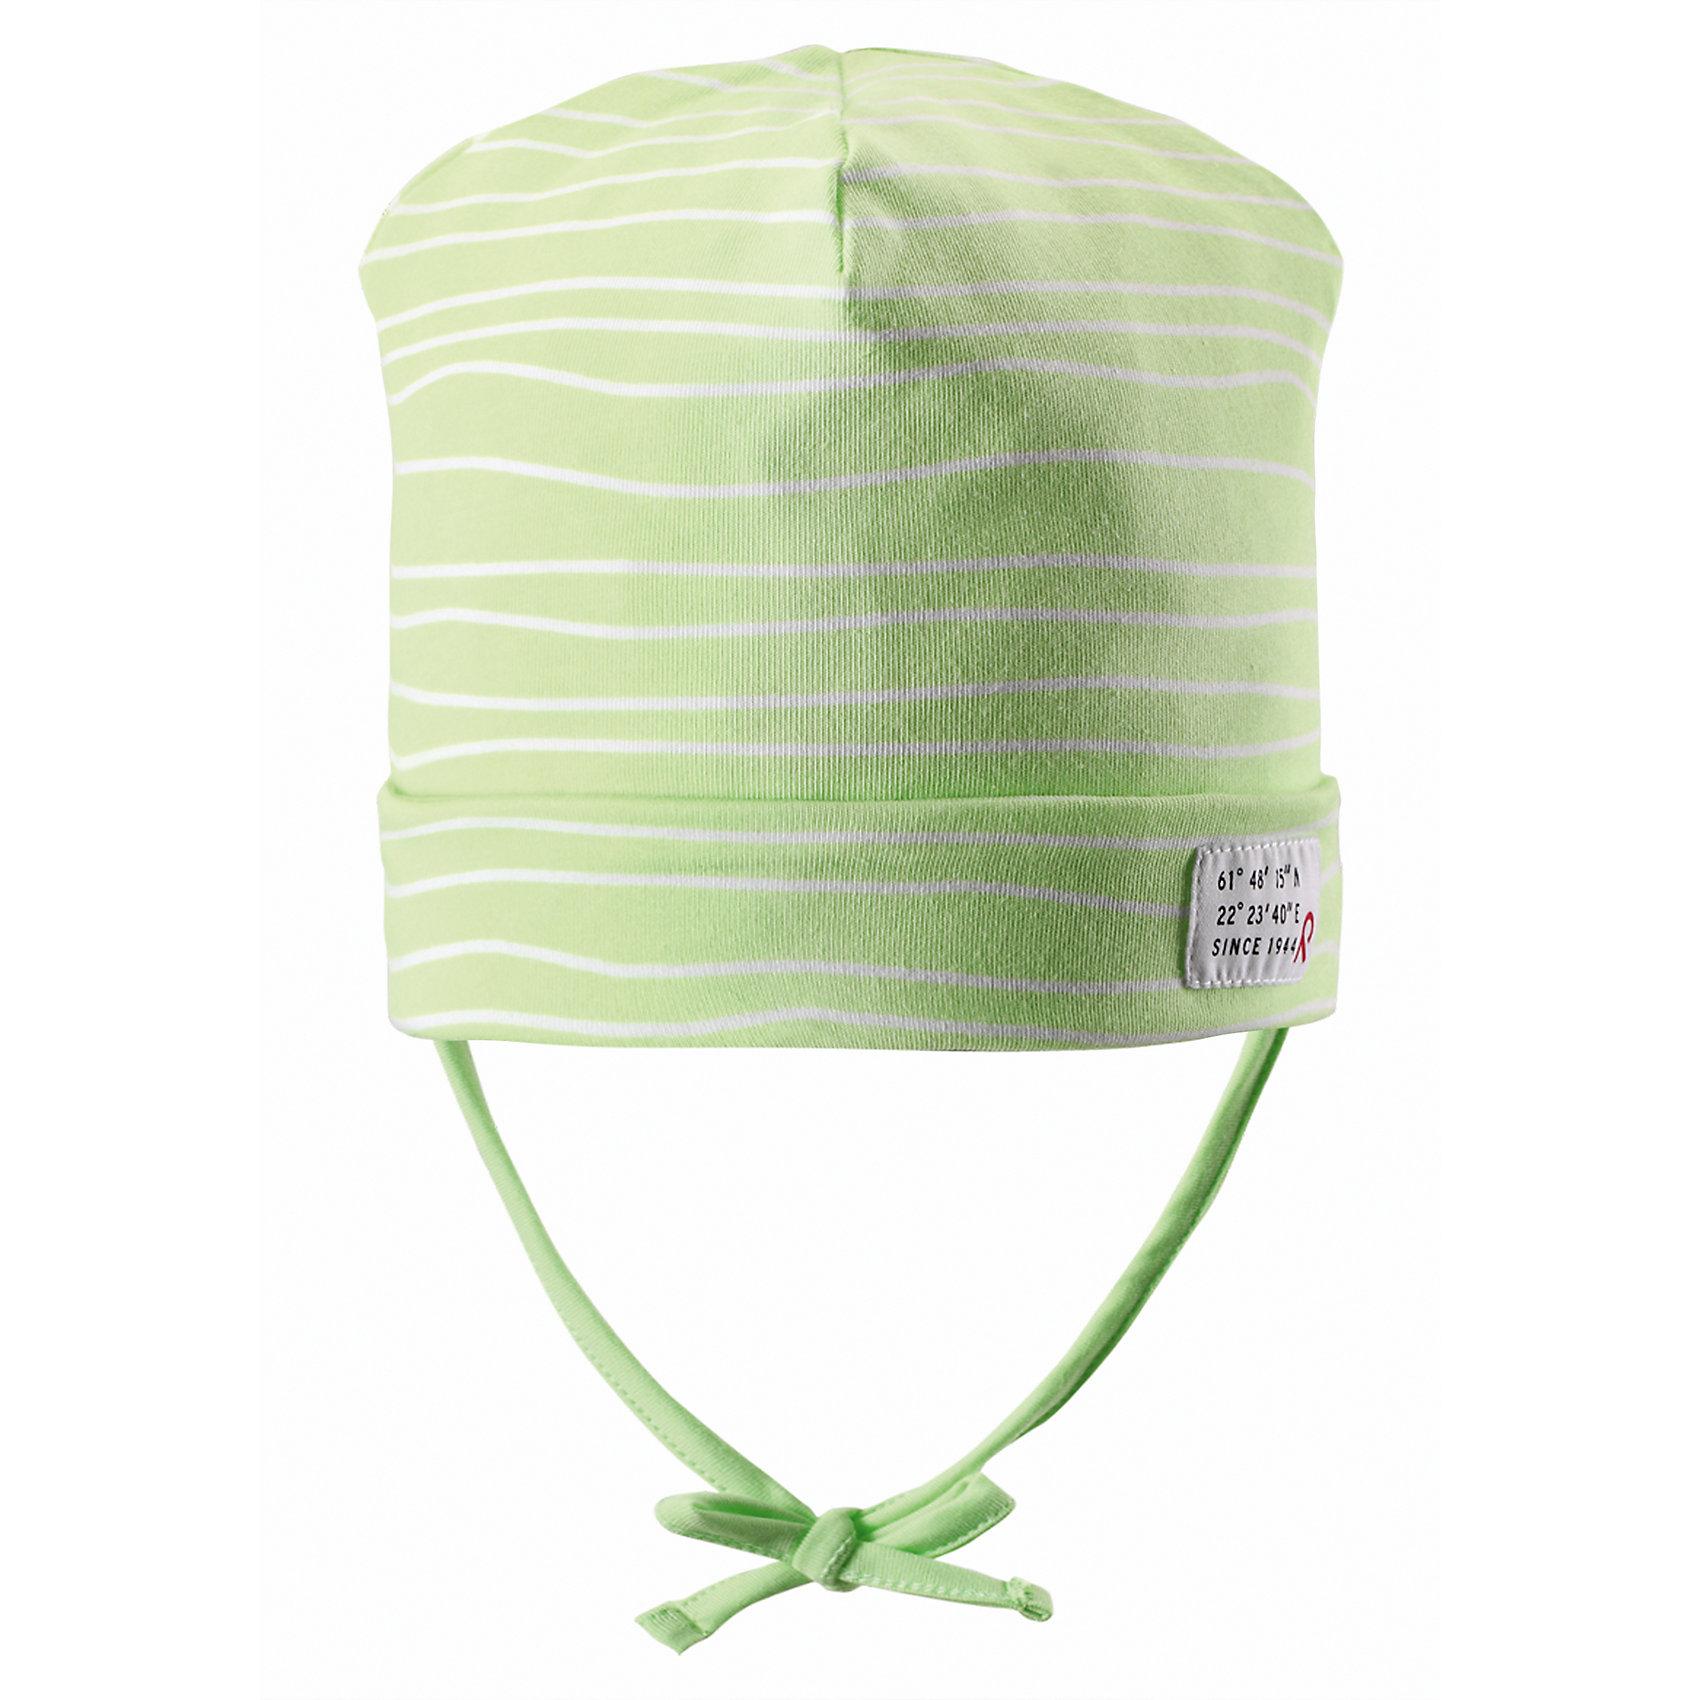 Шапка ReimaШапки и шарфы<br>Весна пришла! А к весне мы подготовили эту легкую шапочку для малышей свежей расцветки с УФ-защитой 40+. Шапочка изготовлена из дышащего и быстросохнущего материла Play Jersey®, эффективно выводящего влагу с кожи. Идеальный выбор для активных прогулок на весеннем солнышке! <br><br>Дополнительная информация:<br><br>Трикотажная шапка «Бини» для малышей<br>Быстросохнущий материал Play Jersey, приятный на ощупь<br>Мягкий хлопчатобумажный верх, внутренняя поверхность хорошо выводит влагу<br>Фактор защиты от ультрафиолета 40+<br>Сплошная подкладка: отводящий влагу материал Play Jersey<br>Логотип Reima® сбоку<br>Состав:<br>65% ХЛ 30% ПЭ 5% ЭЛ<br>Уход:<br>Стирать с бельем одинакового цвета, вывернув наизнанку. Полоскать без специального средства. Придать первоначальную форму вo влажном виде.<br><br>Ширина мм: 89<br>Глубина мм: 117<br>Высота мм: 44<br>Вес г: 155<br>Цвет: желтый<br>Возраст от месяцев: 60<br>Возраст до месяцев: 72<br>Пол: Унисекс<br>Возраст: Детский<br>Размер: 52,46,50,48<br>SKU: 4498021